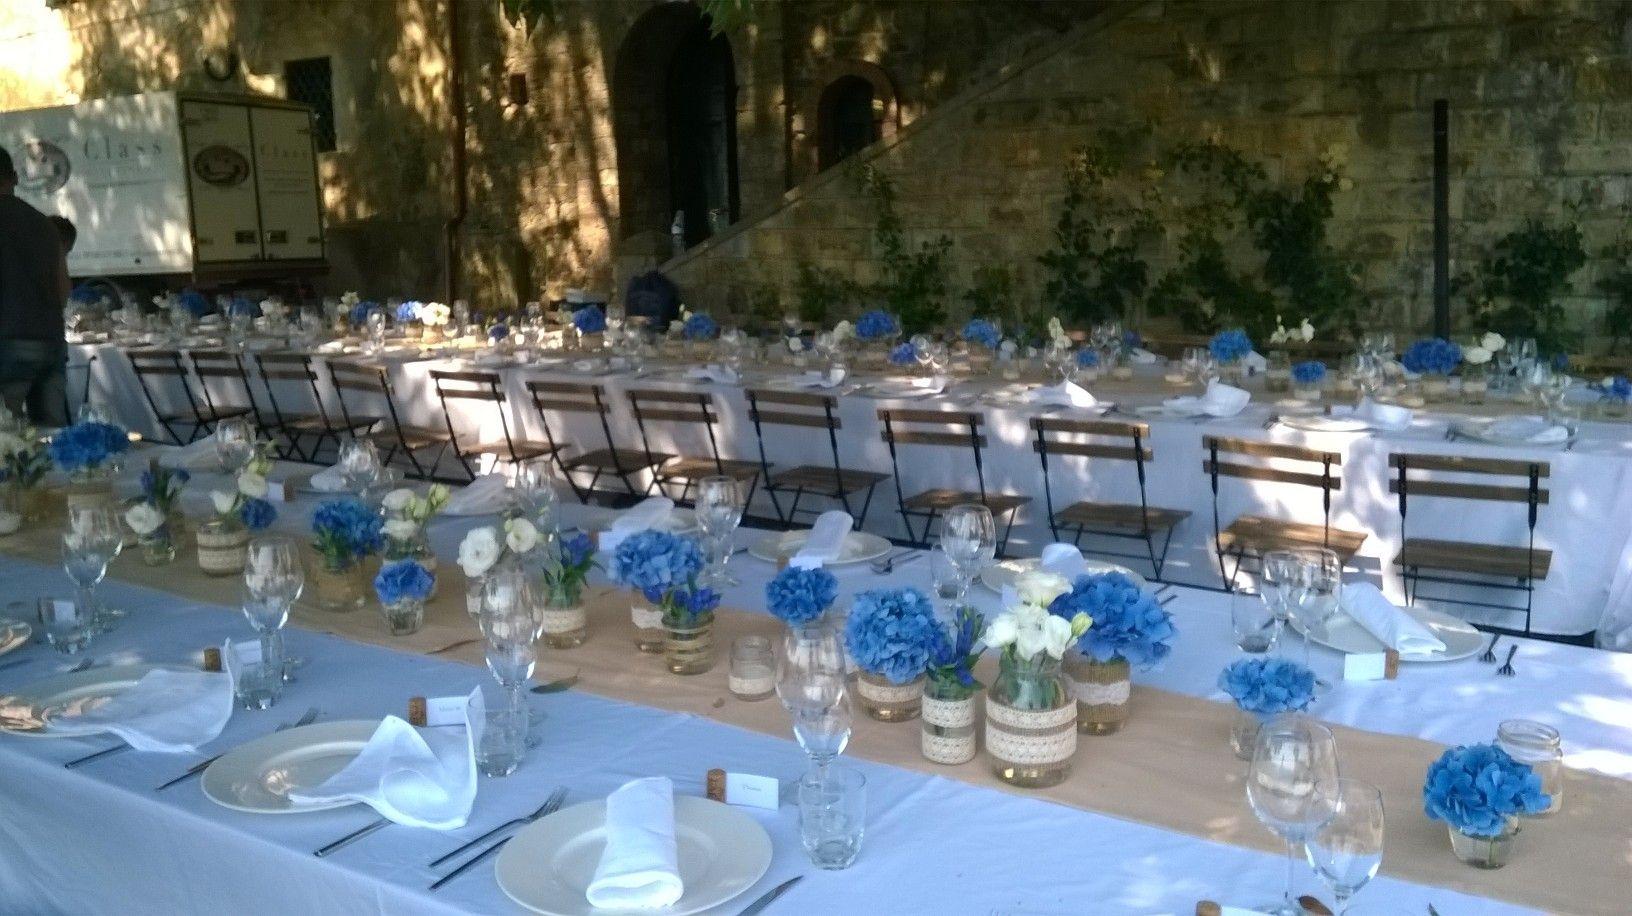 Tavolo Imperiale ~ Matrimonio tavolo imperiale con ortensia blu in vasetti di vetro